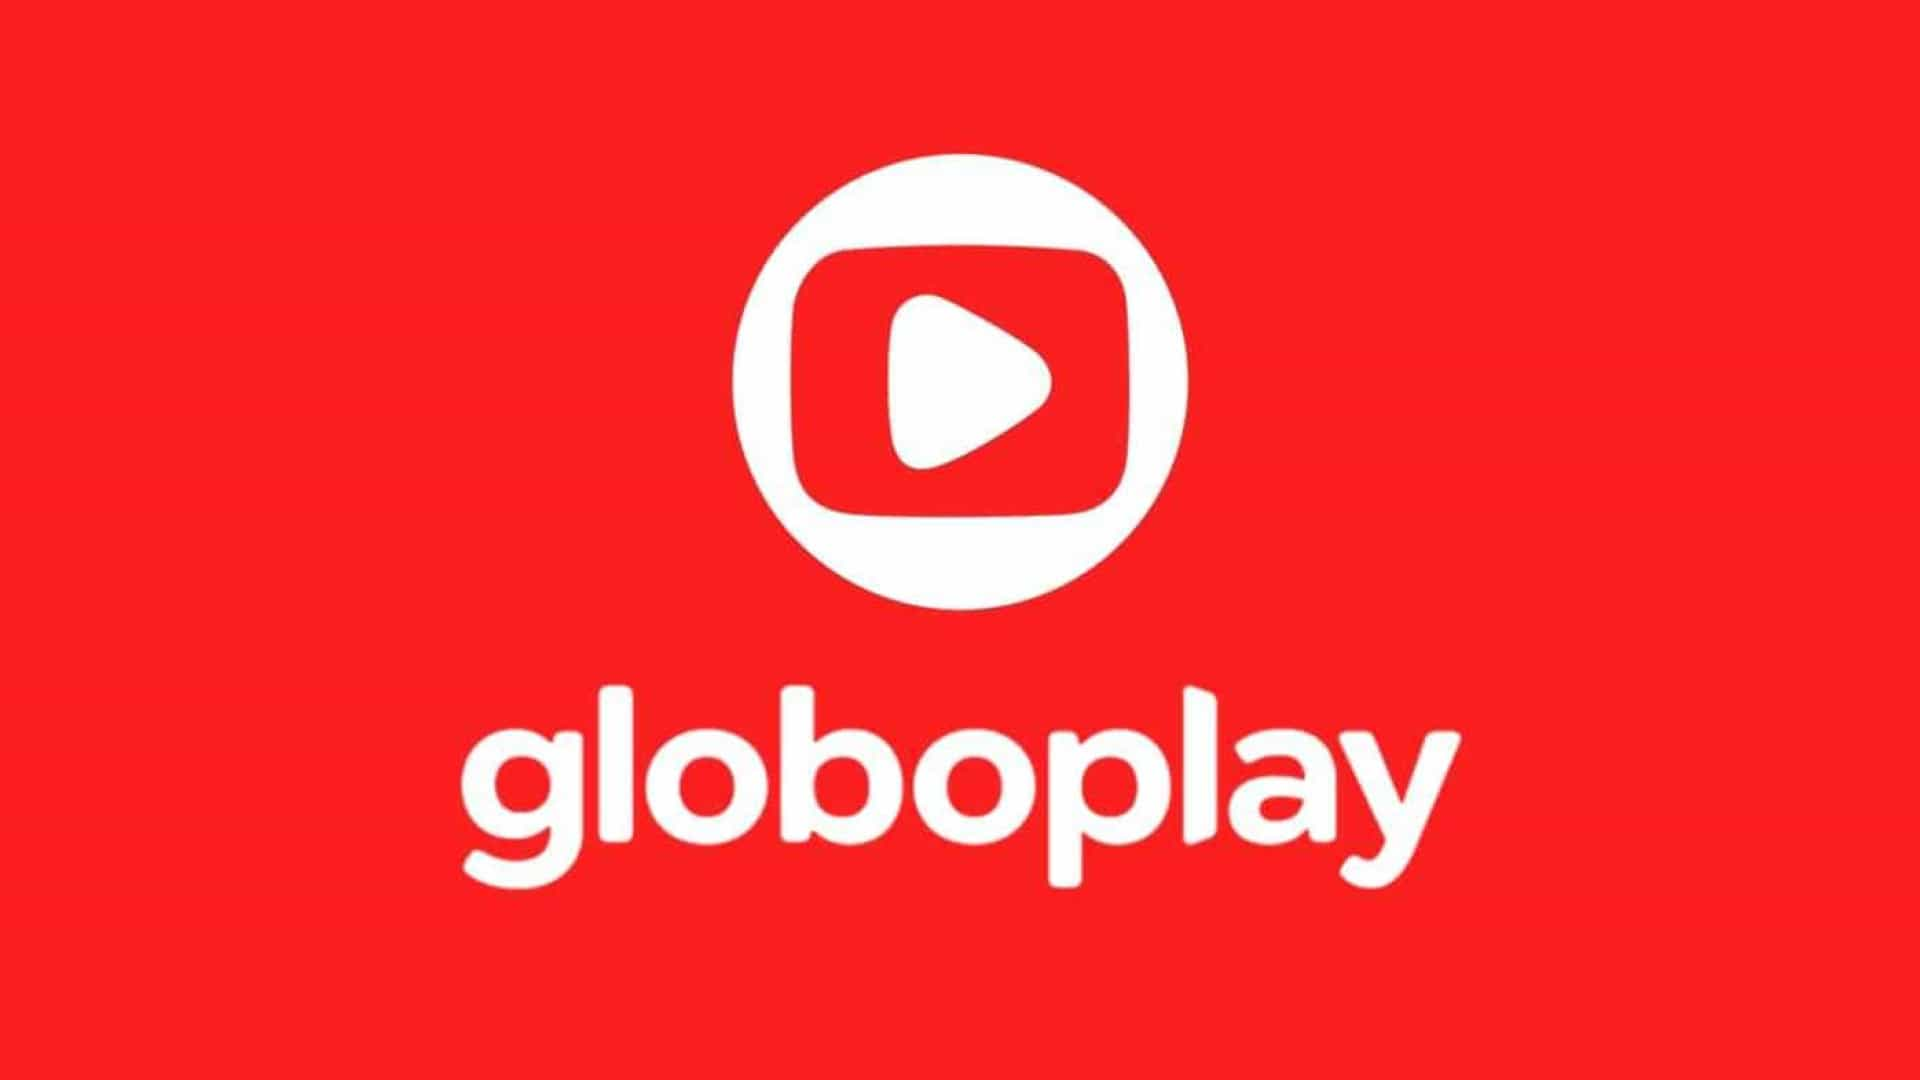 Globoplay promete disponibilizar mais 100 séries internacionais